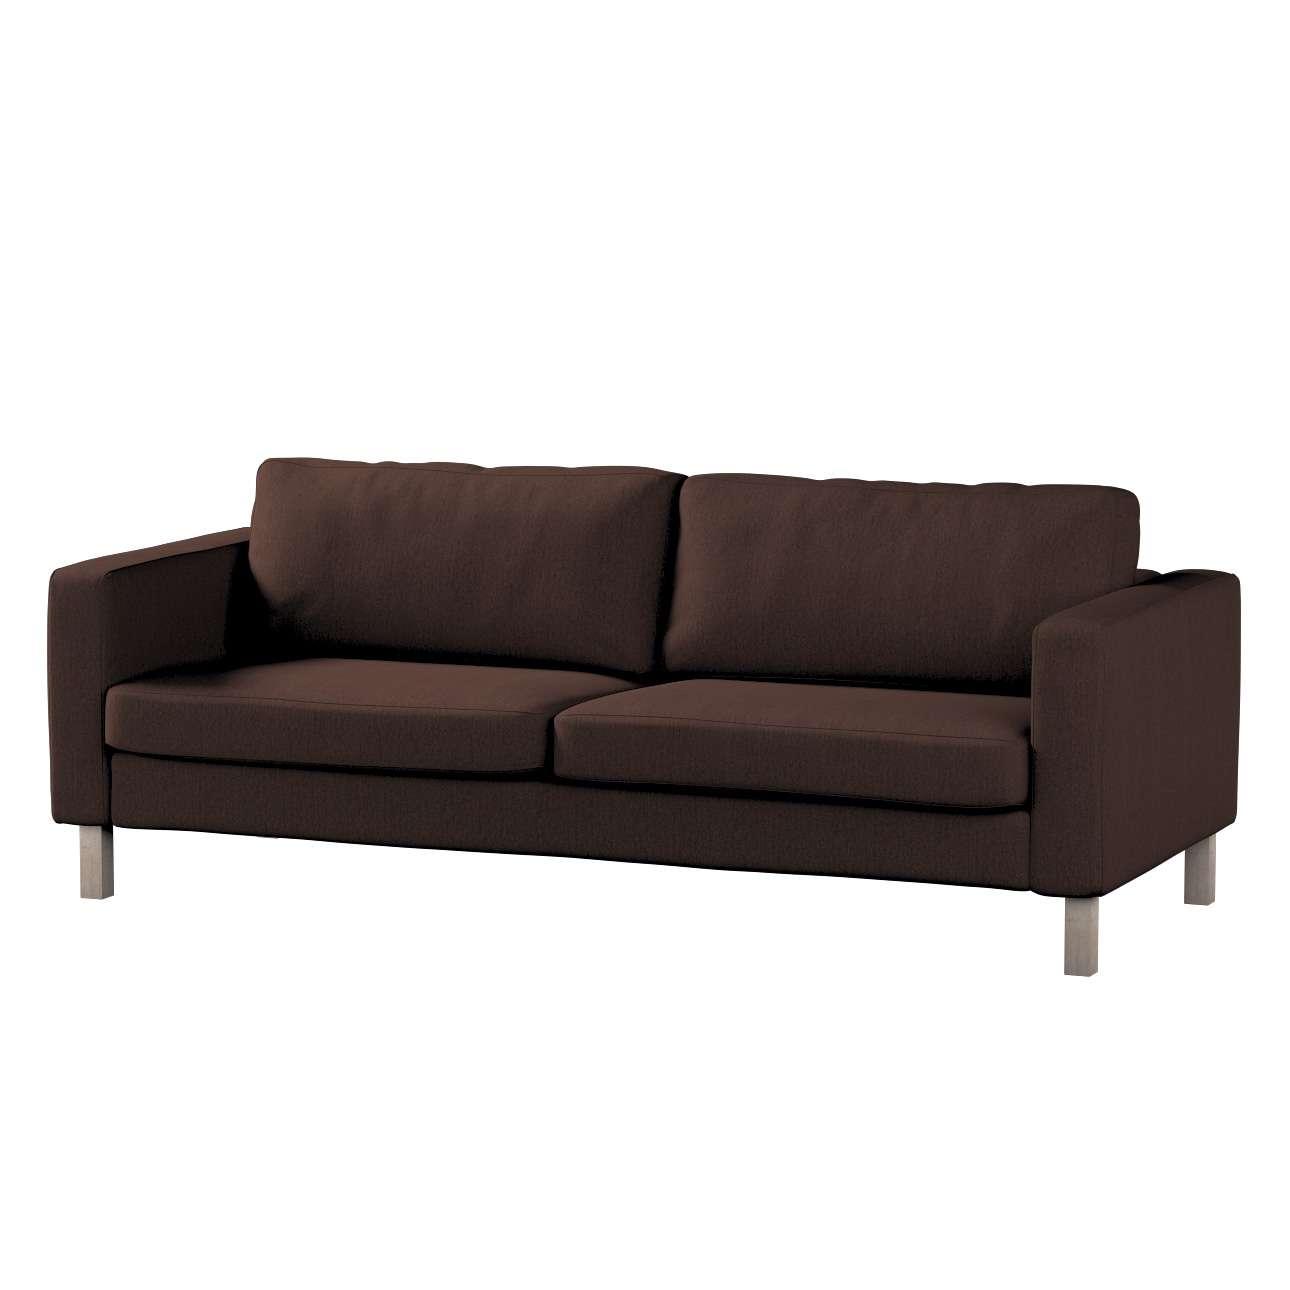 Karlstad sofos-lovos užvalkalas Karlstad trivietės sofos-lovos užvalkalas (išlankstomai sofai) kolekcijoje Chenille, audinys: 702-18